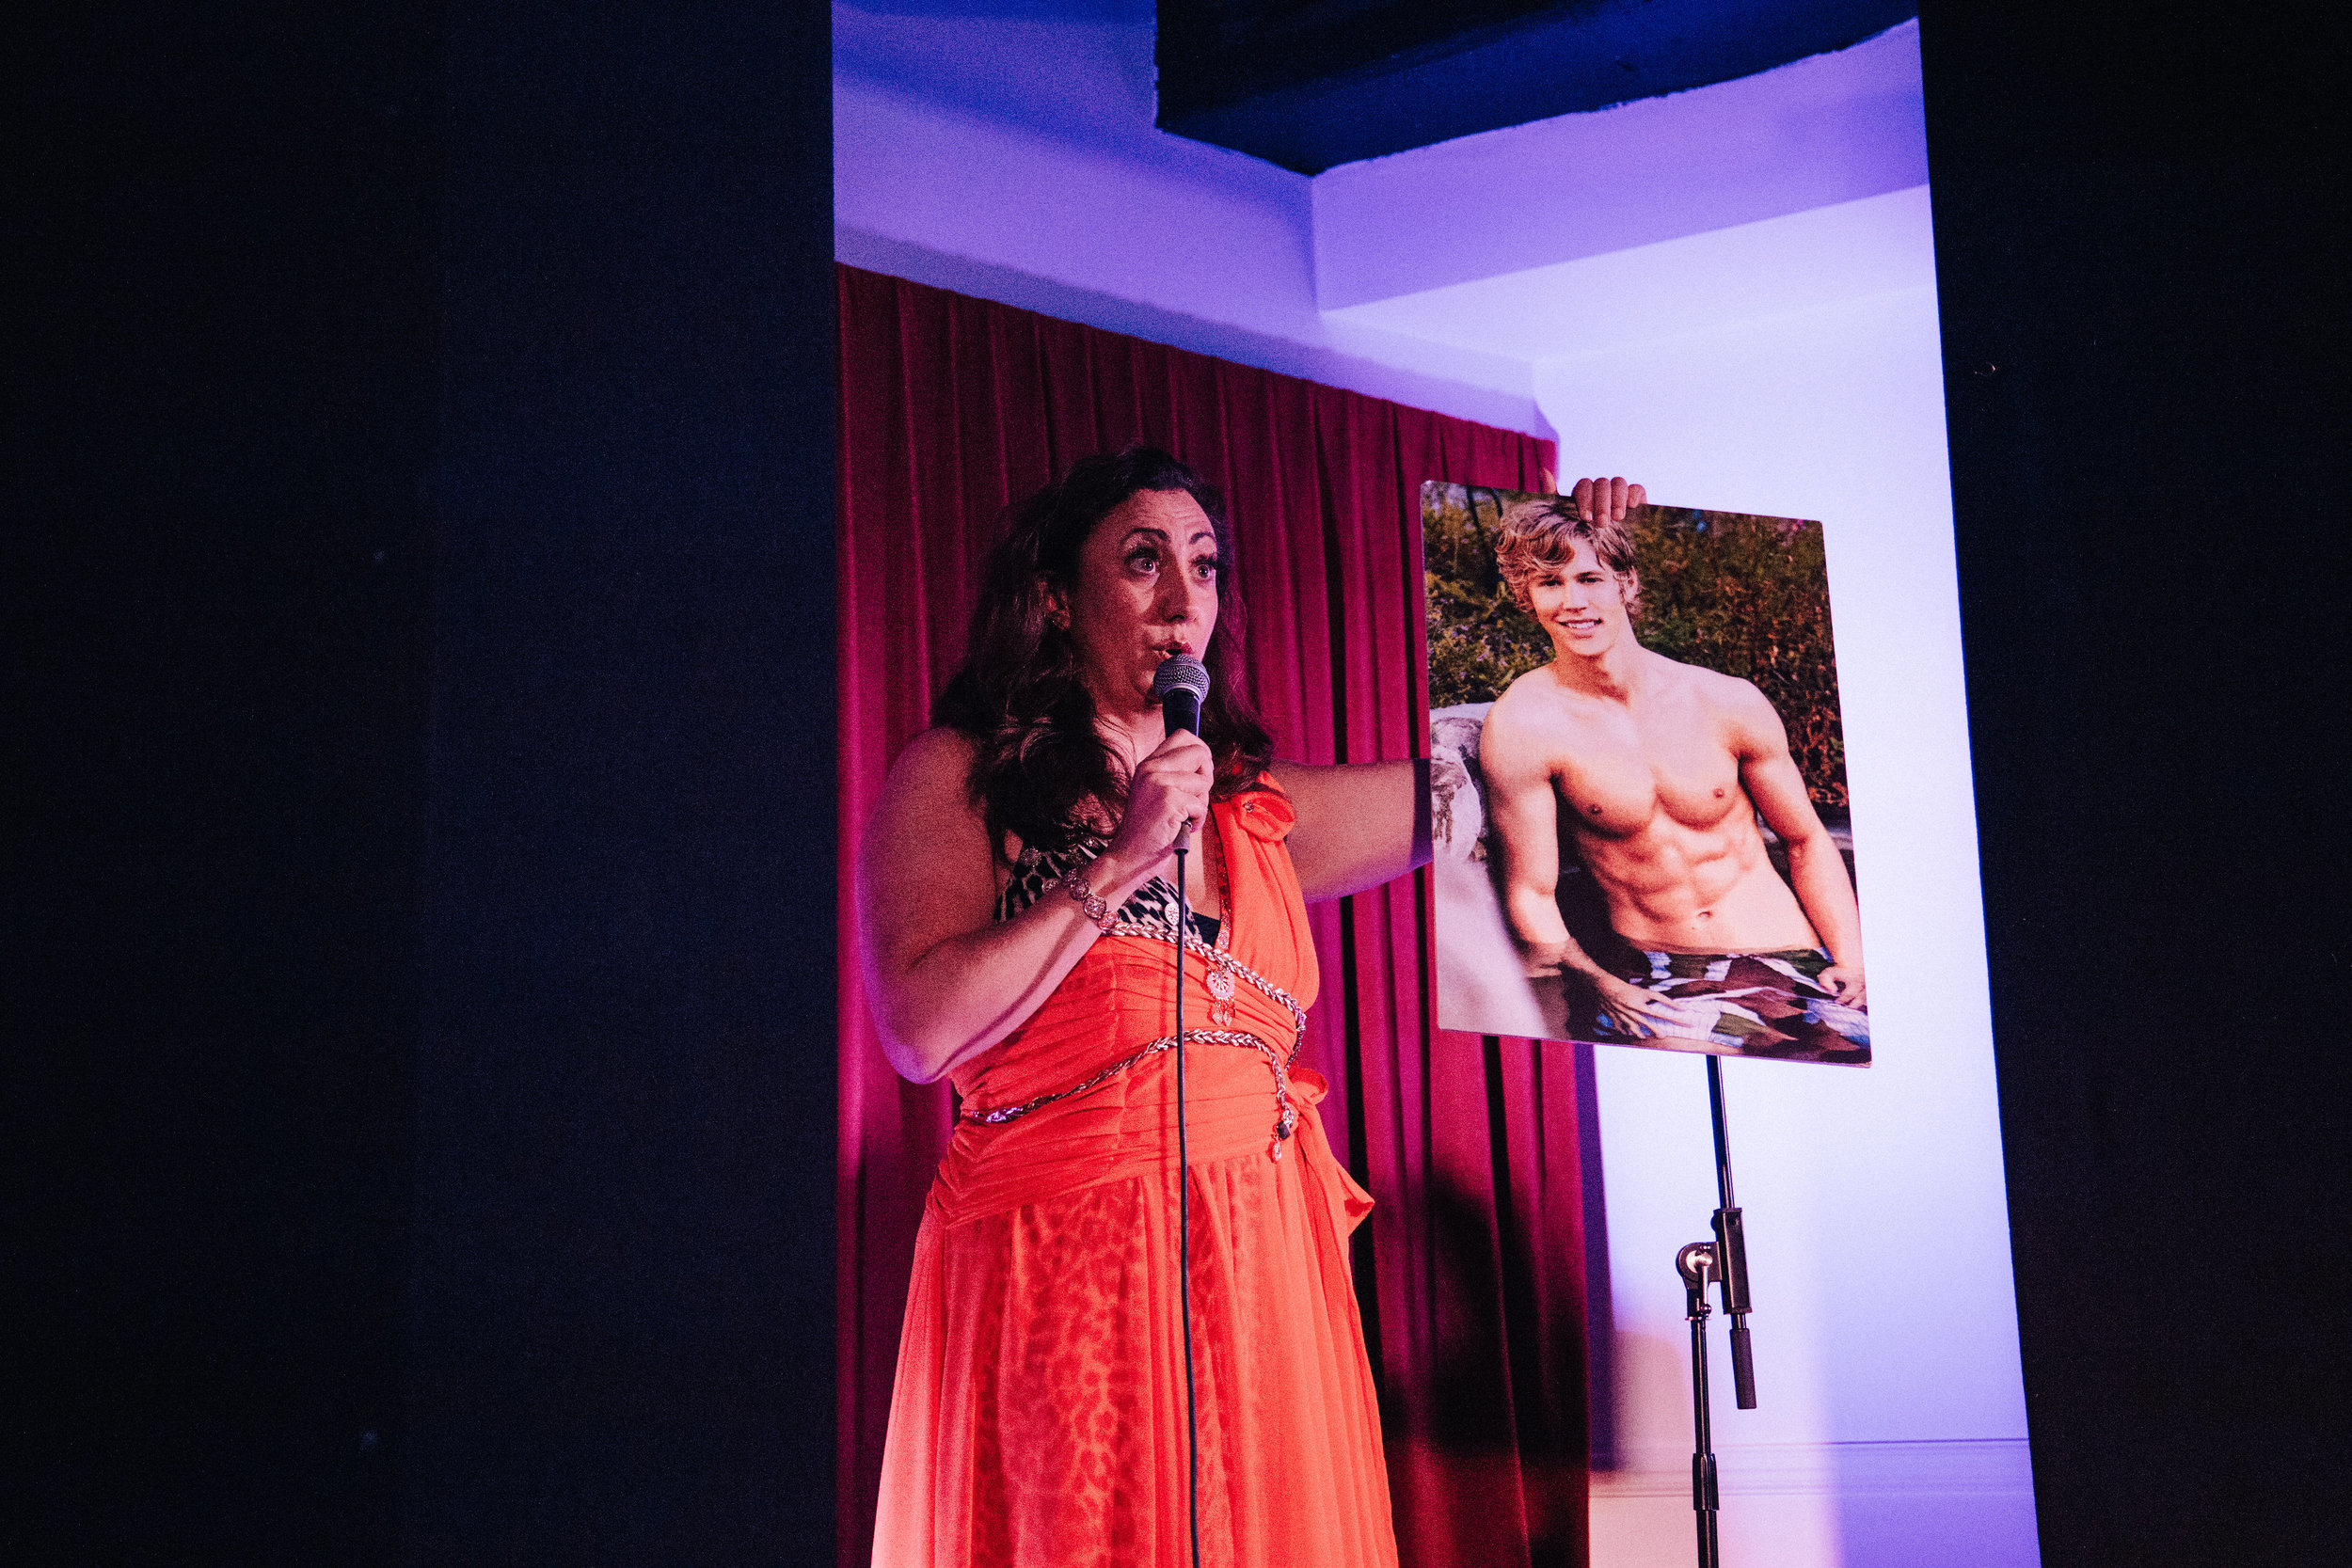 Alyssa Kyria on stage